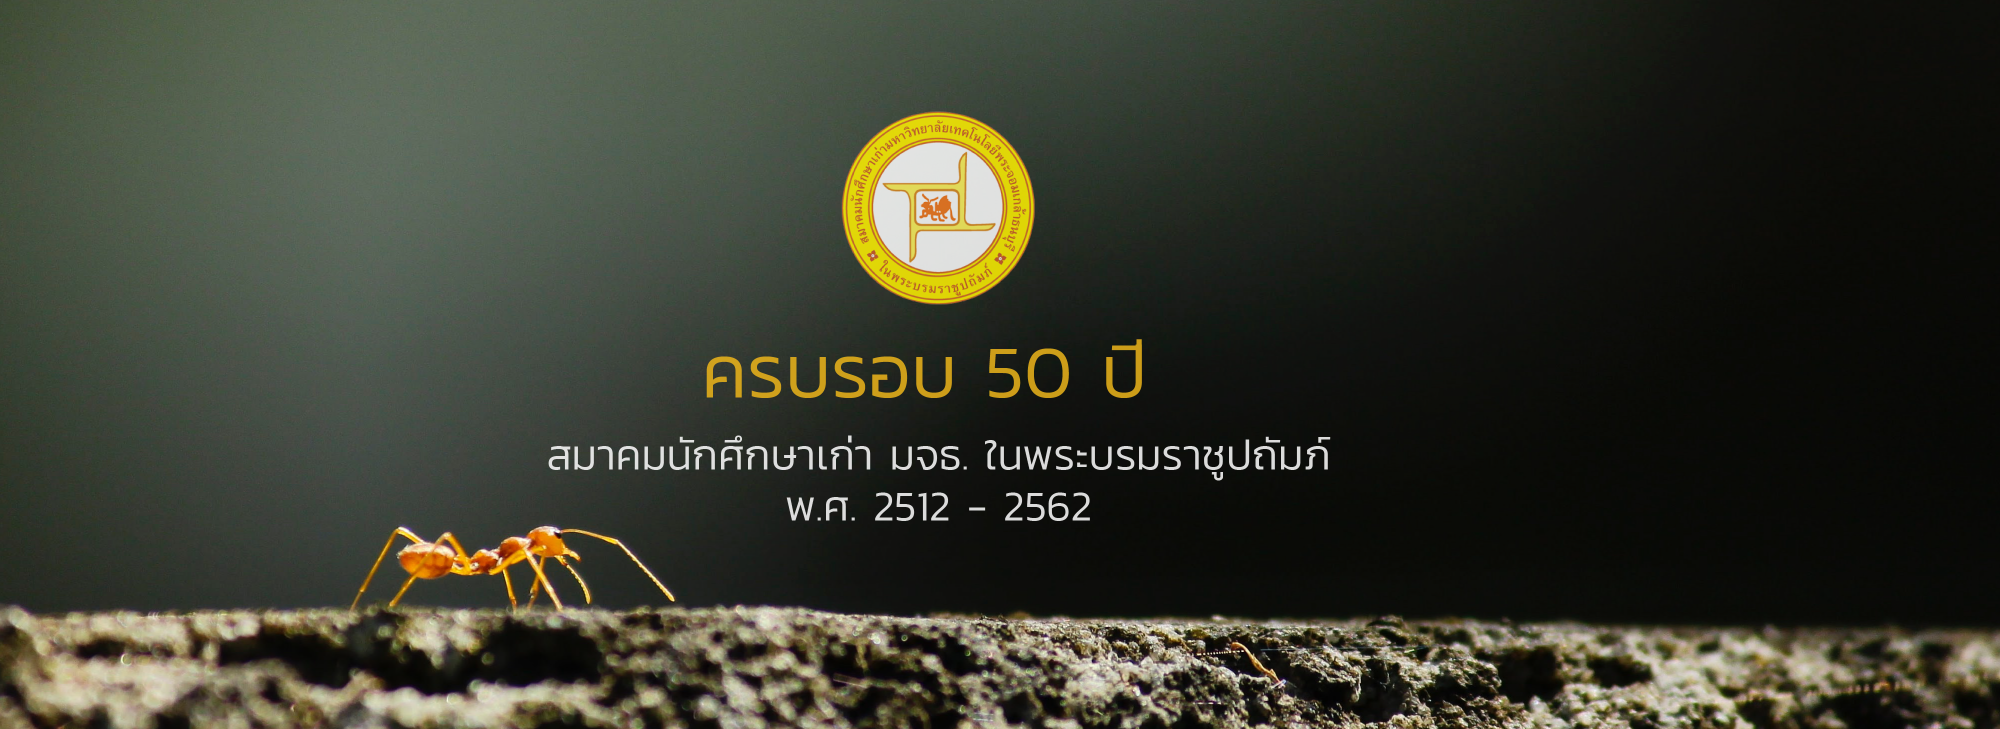 banner-50yr-01-01